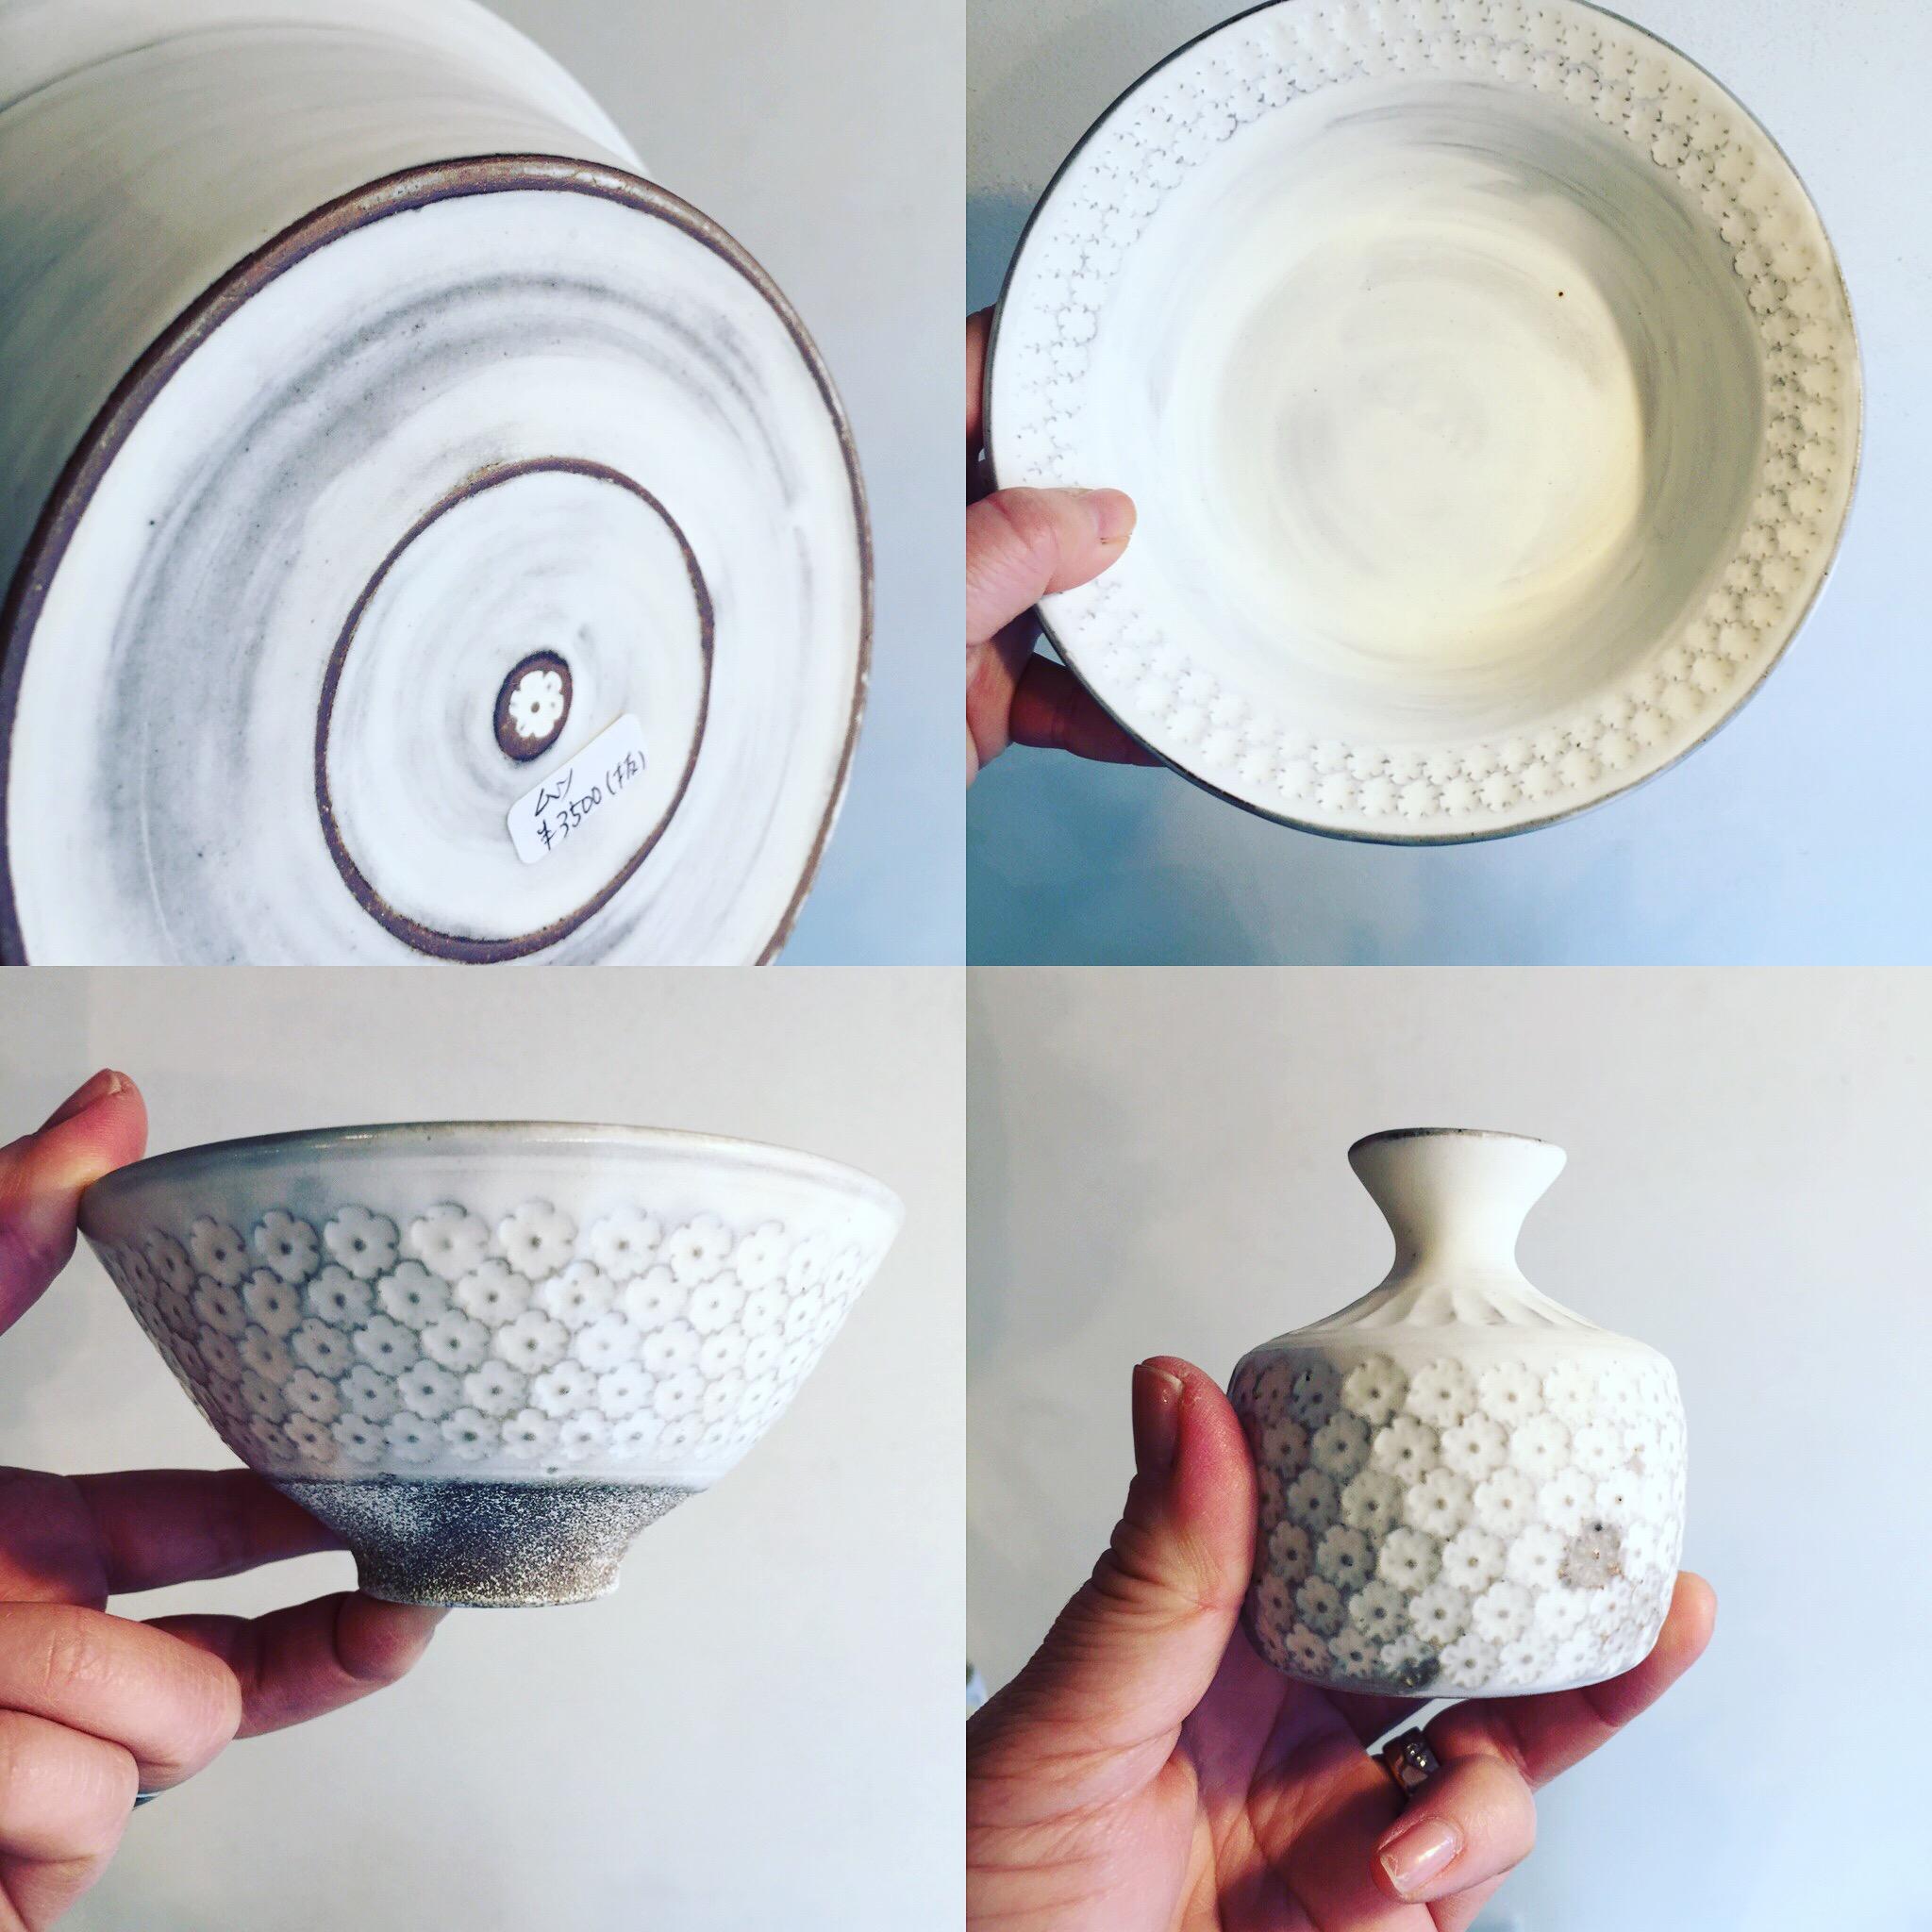 武曽さんの可憐な印花シリーズが入荷。鉢の底にもポチリと一輪。